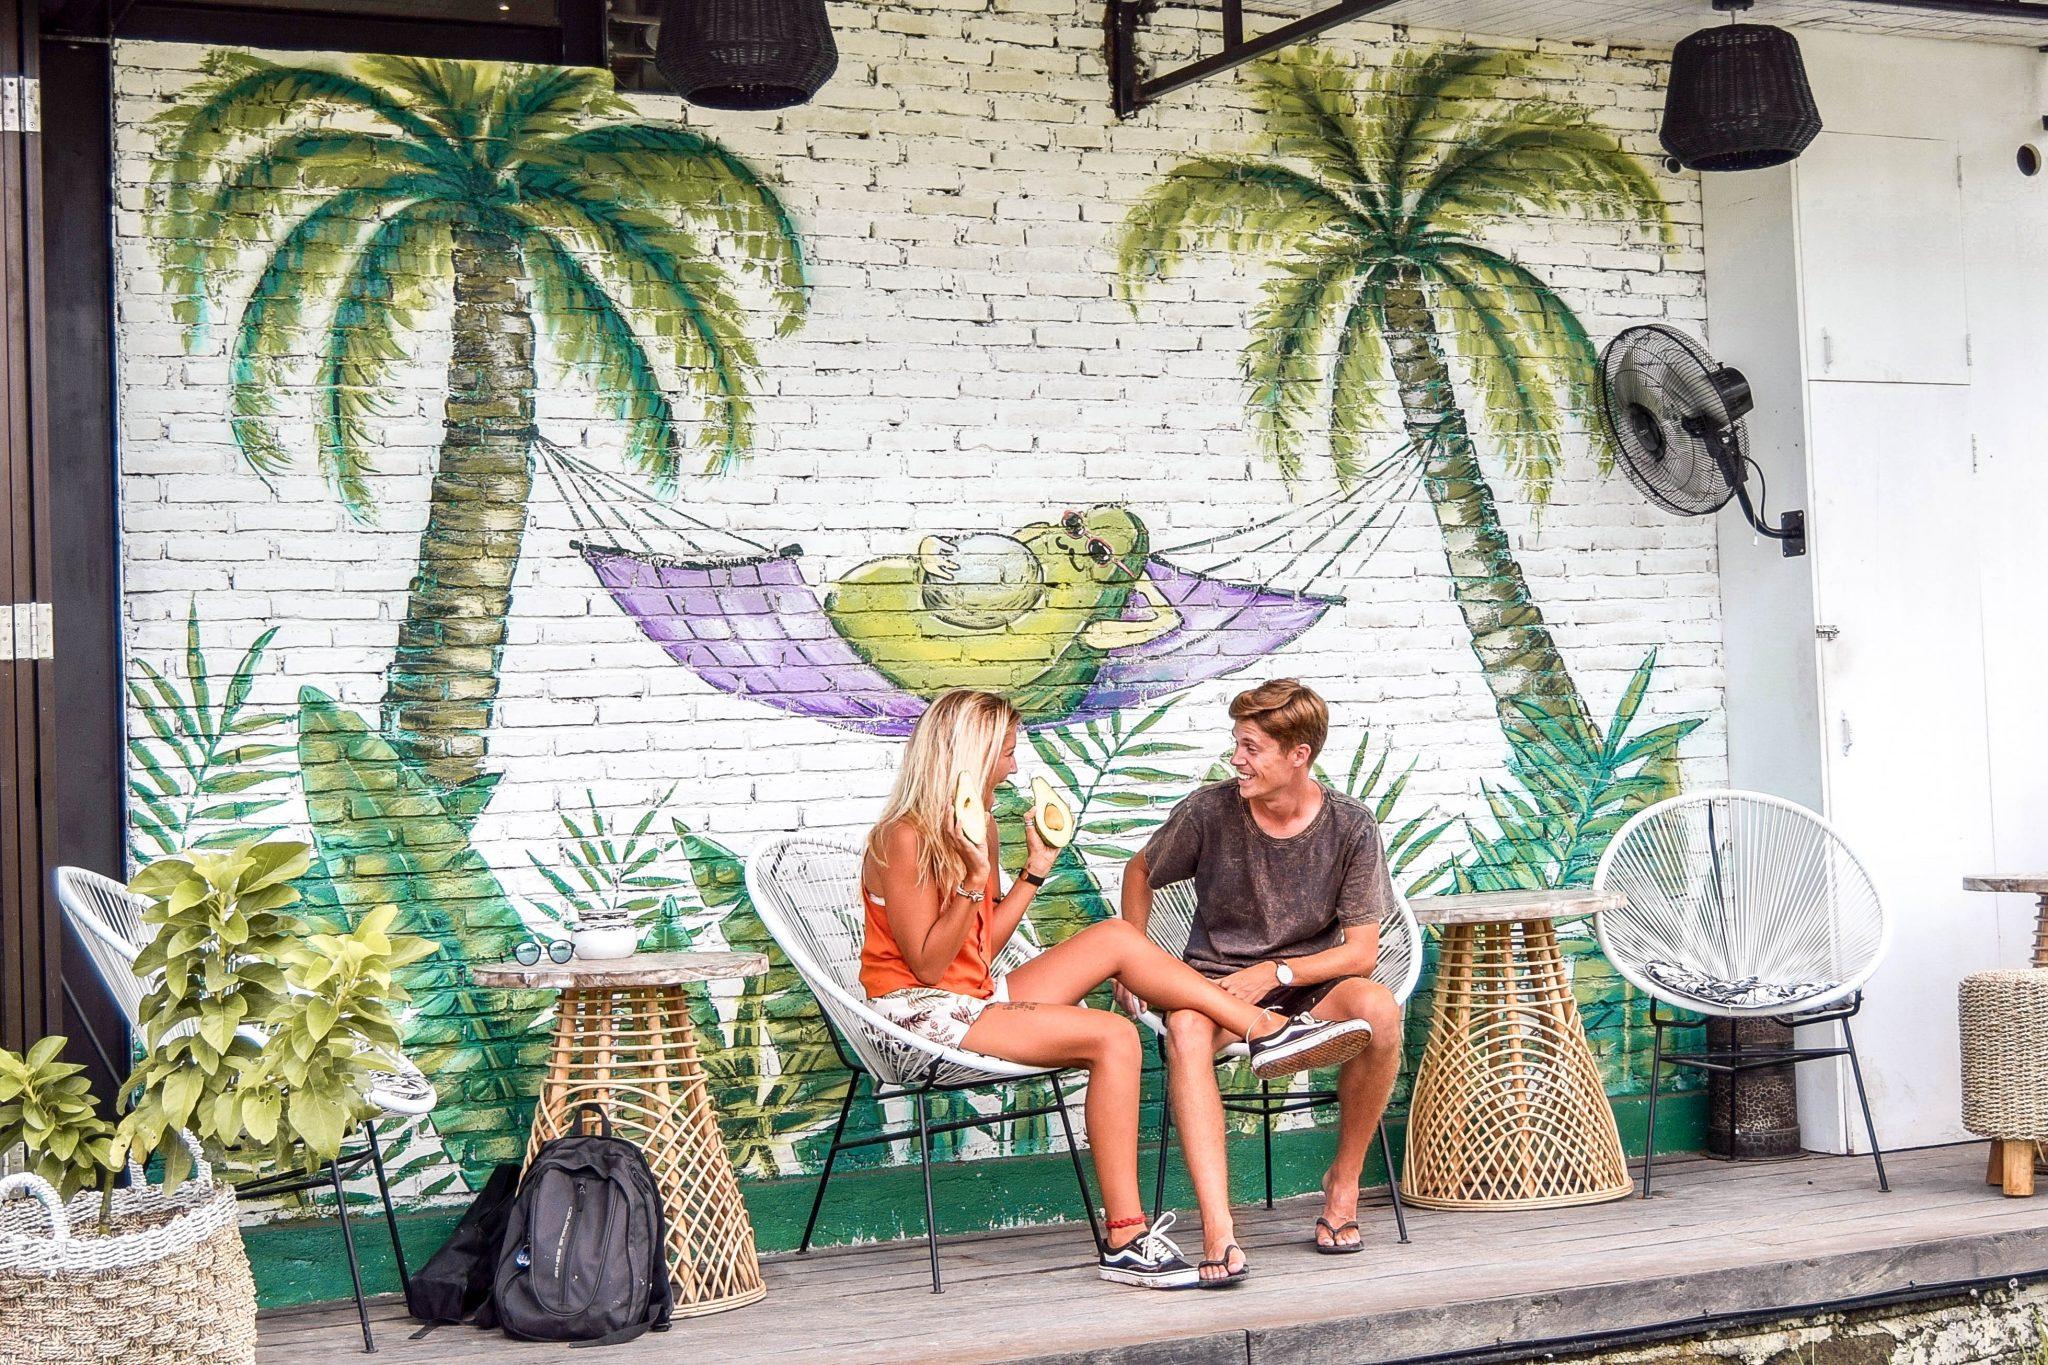 Wanderers & Warriors - Charlie & Lauren UK Travel Couple - The Avocado Factory Canggu - Best Restaurants In Canggu Restaurants